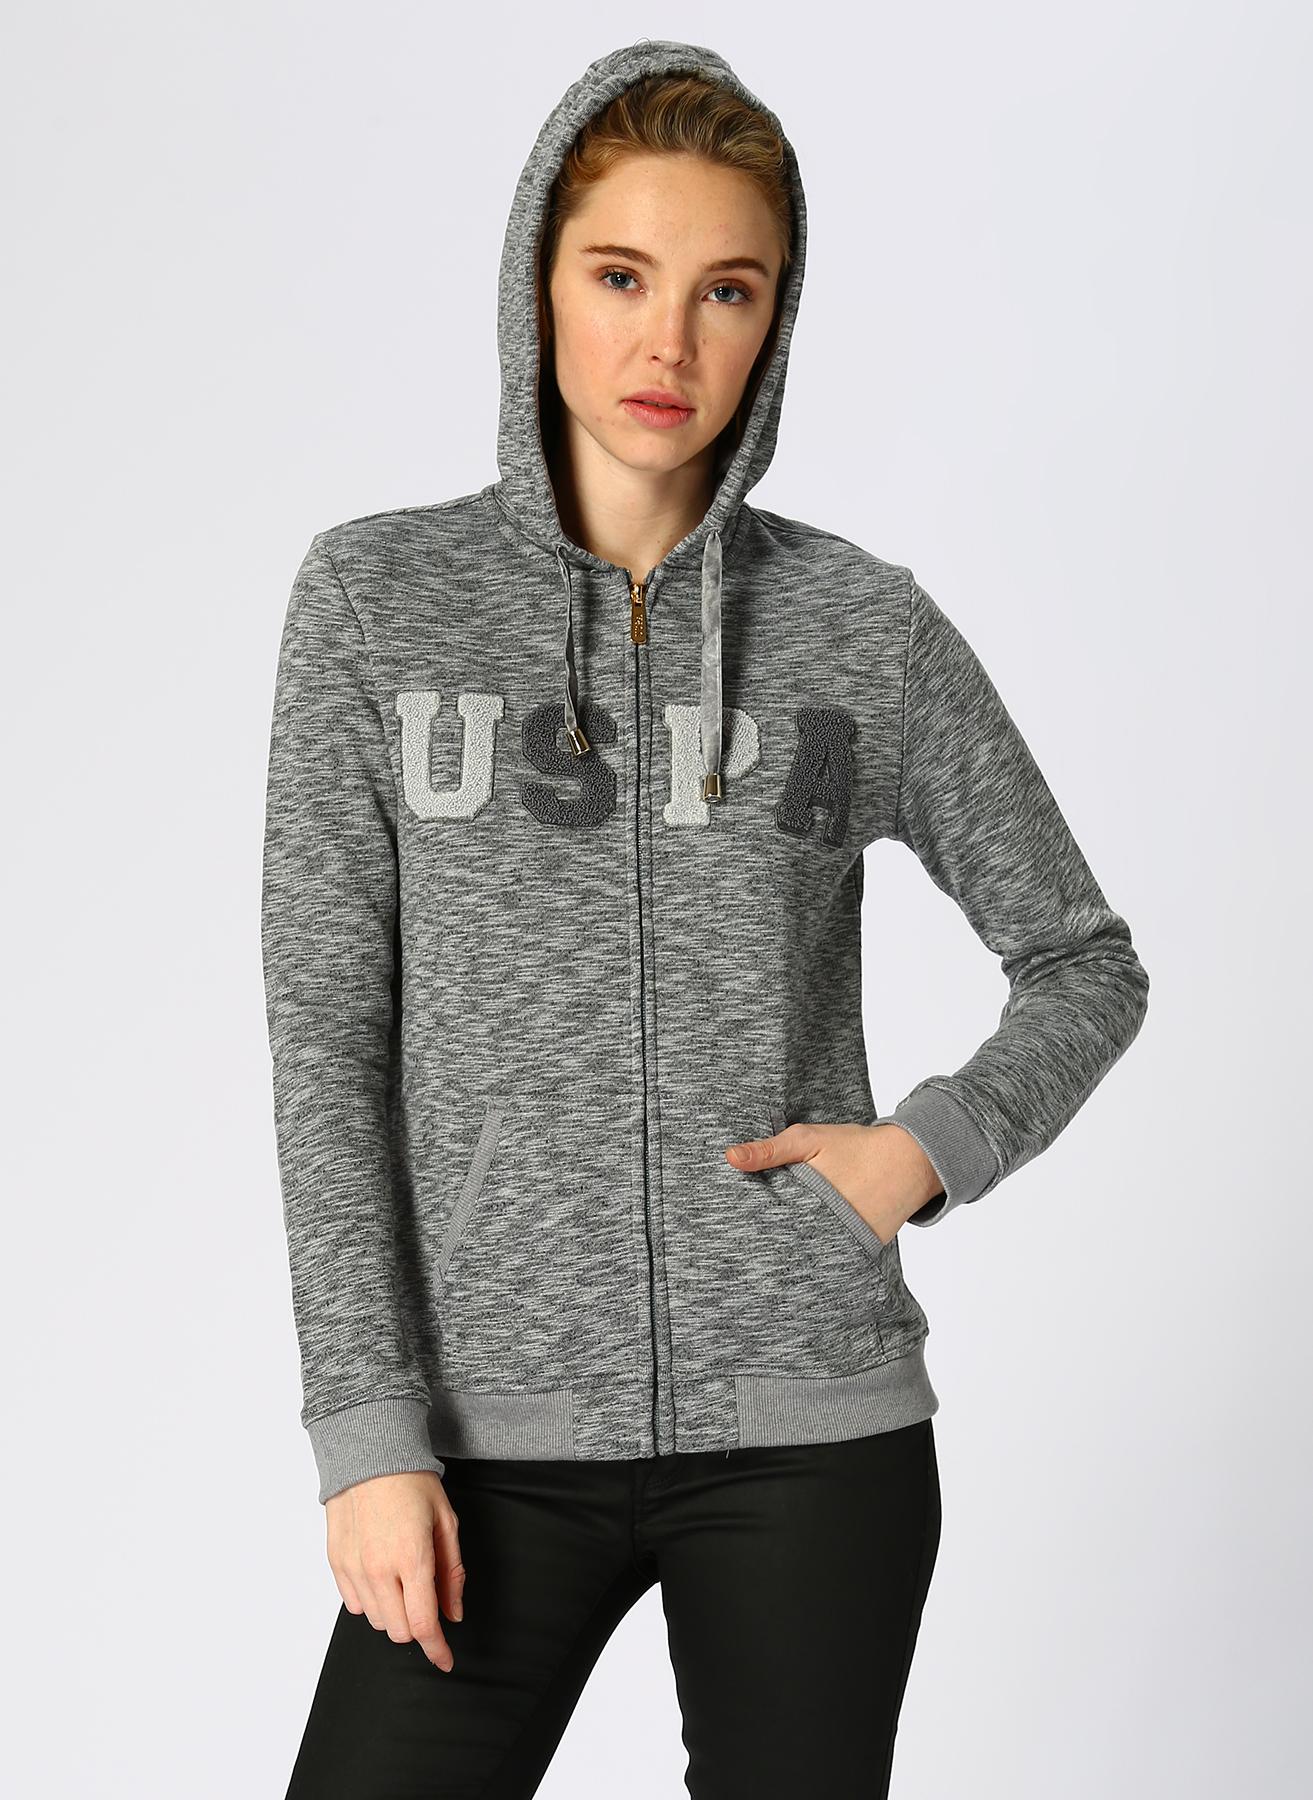 U.S. Polo Assn. Sweatshırt XL 5001733412005 Ürün Resmi